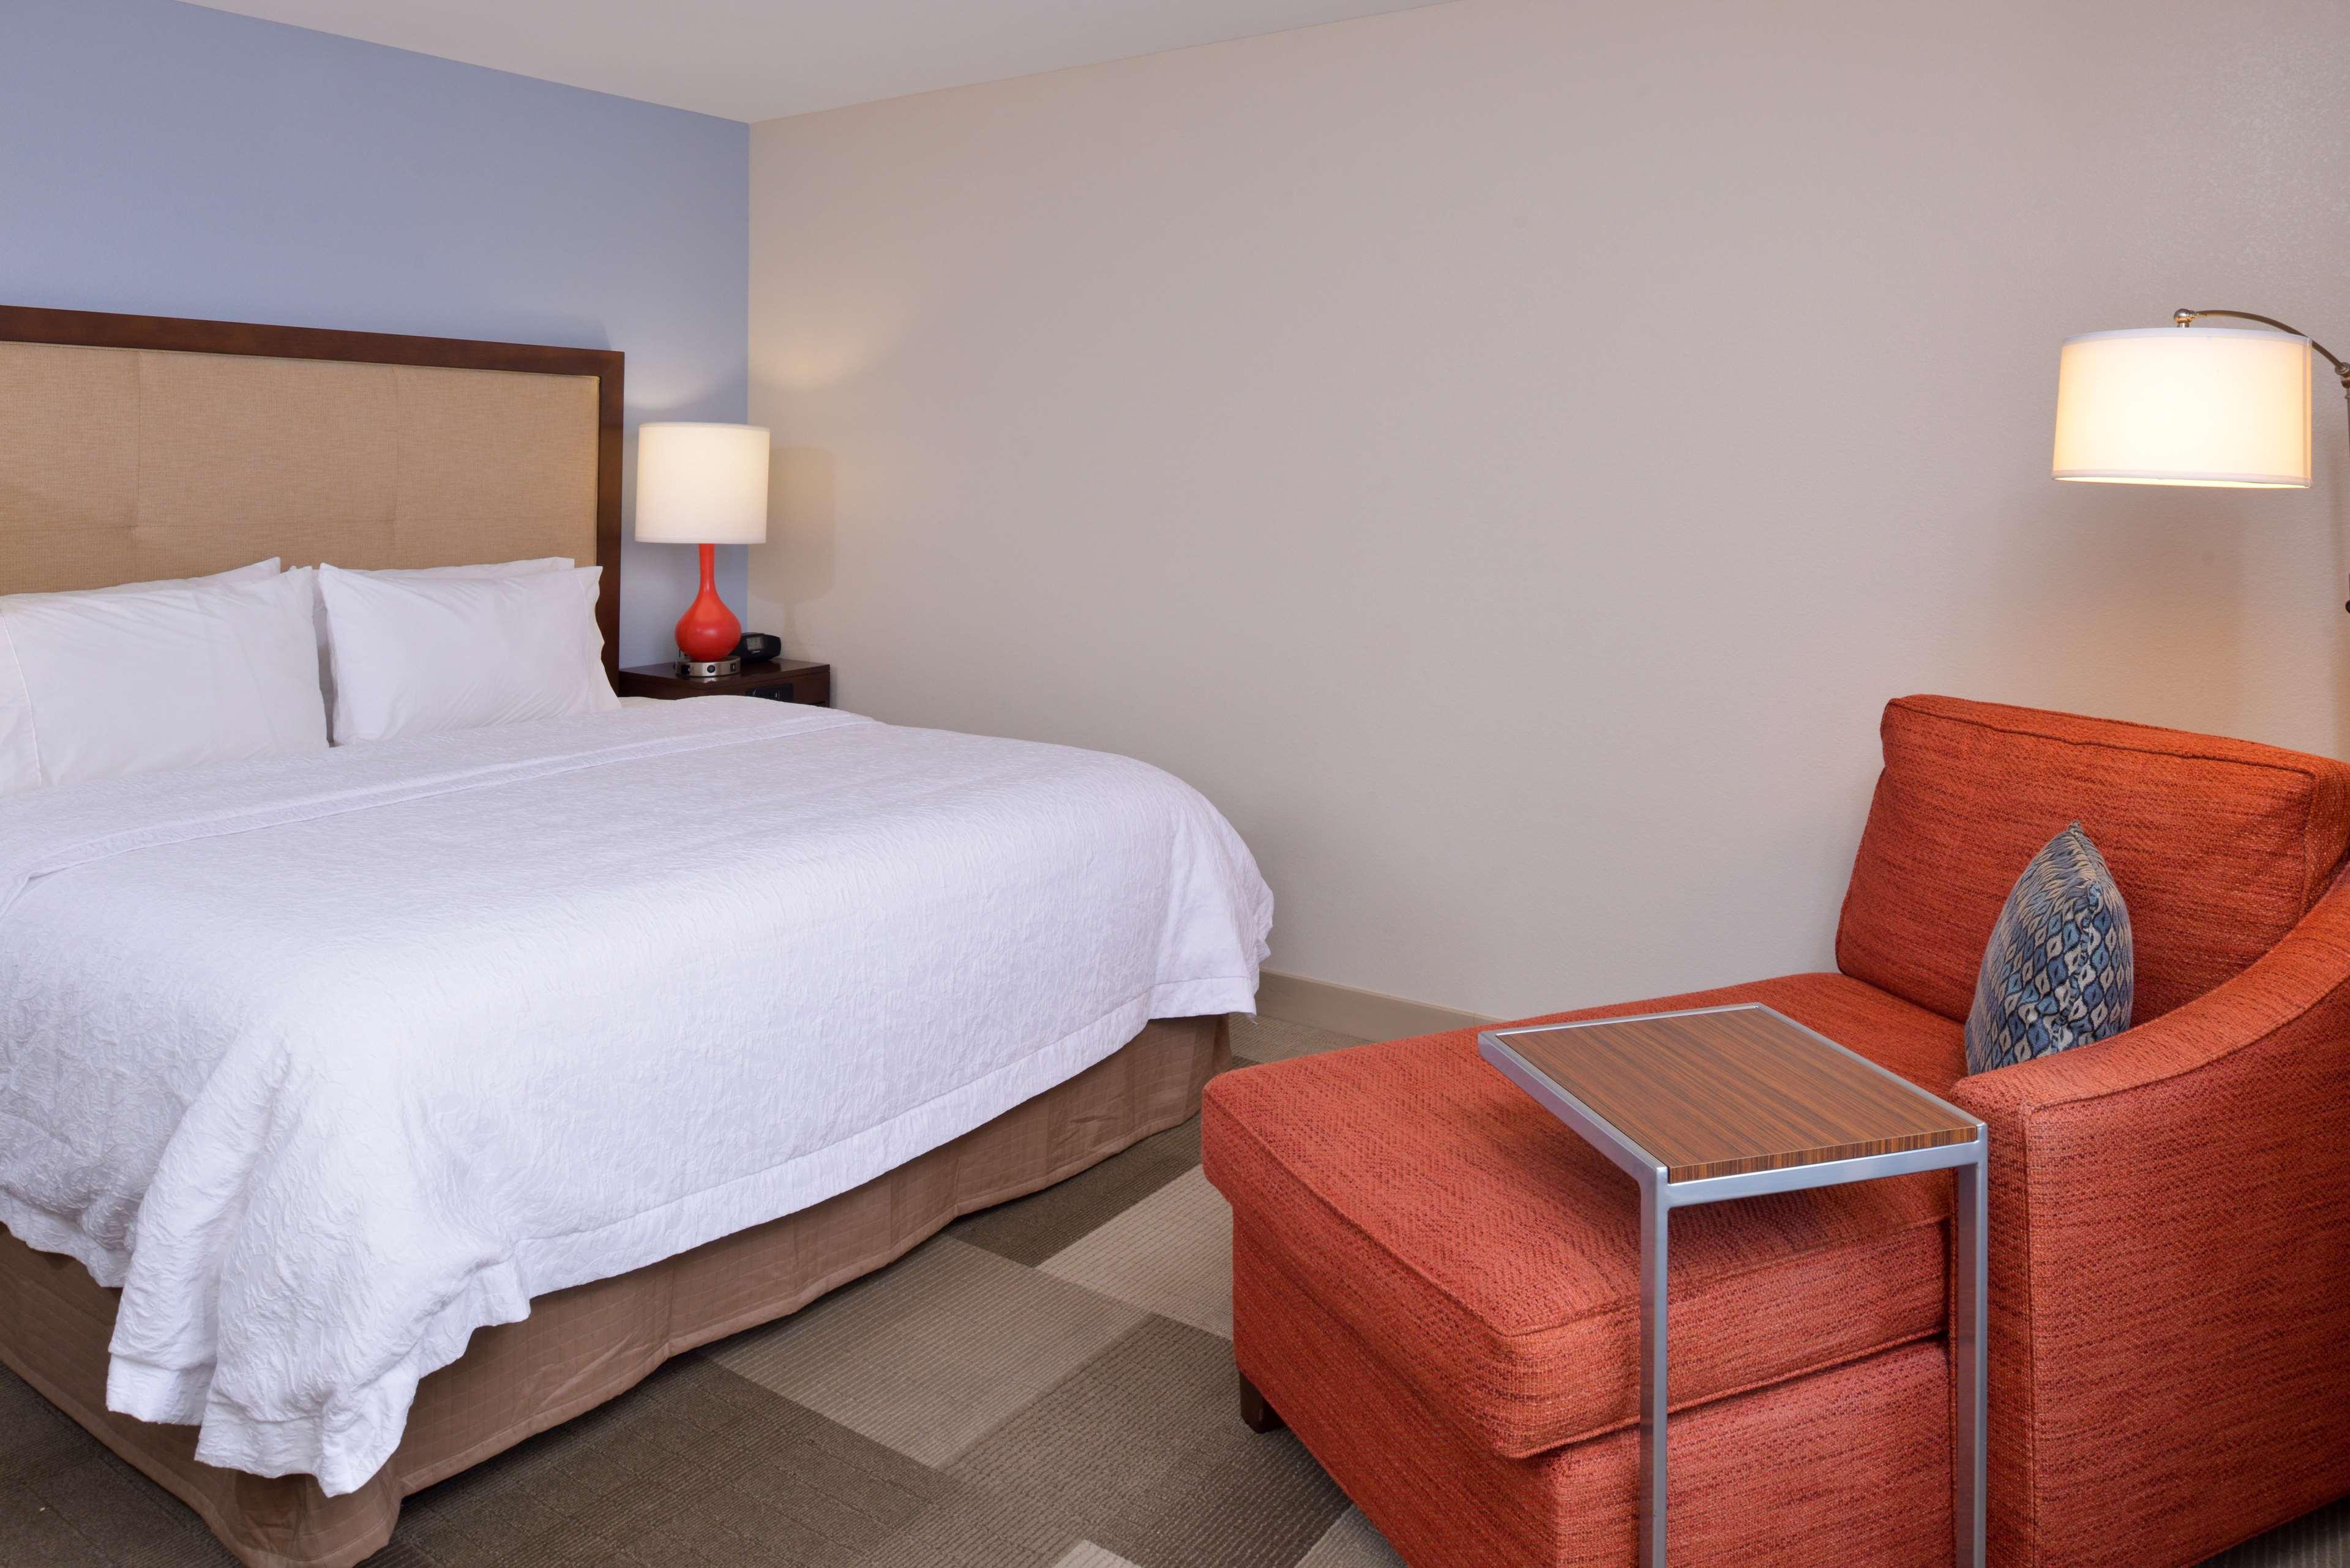 Hampton Inn & Suites Lonoke image 33